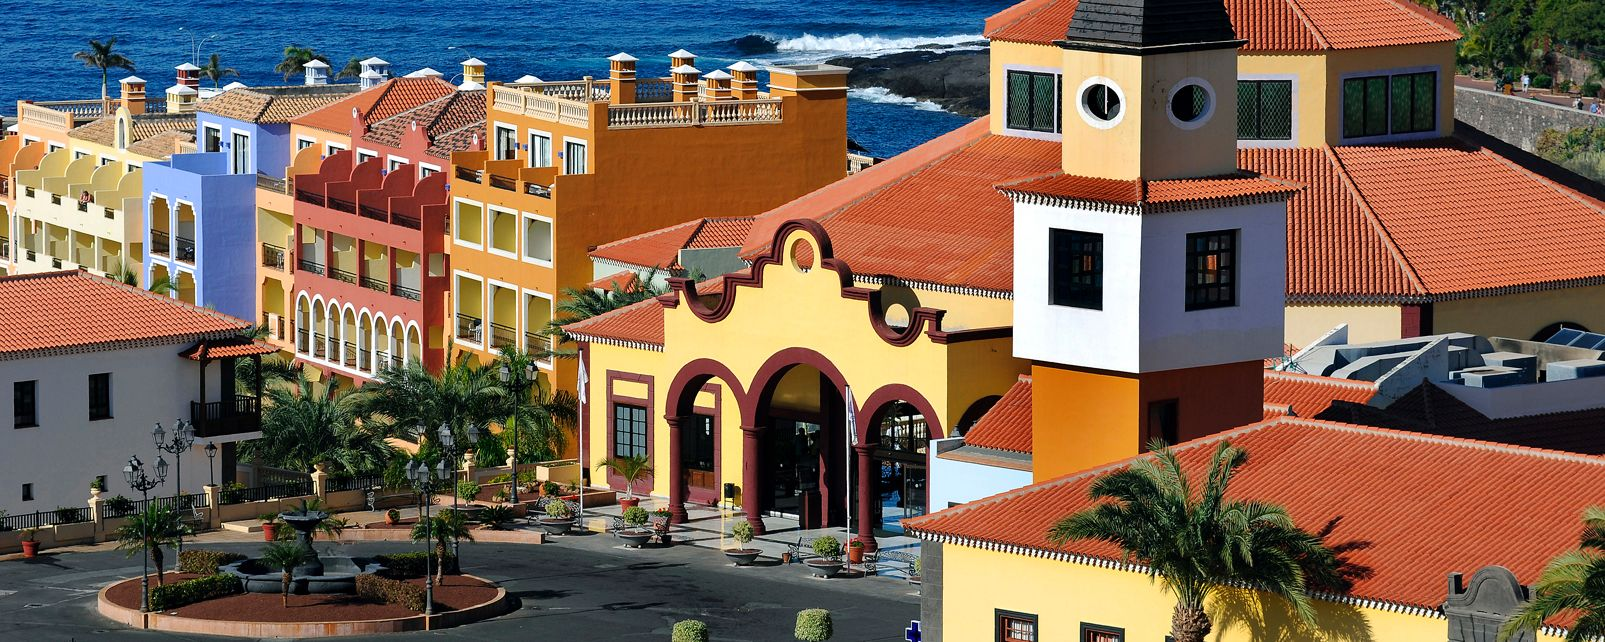 Hôtel Sunlight Bahia Principe Costa Adeje